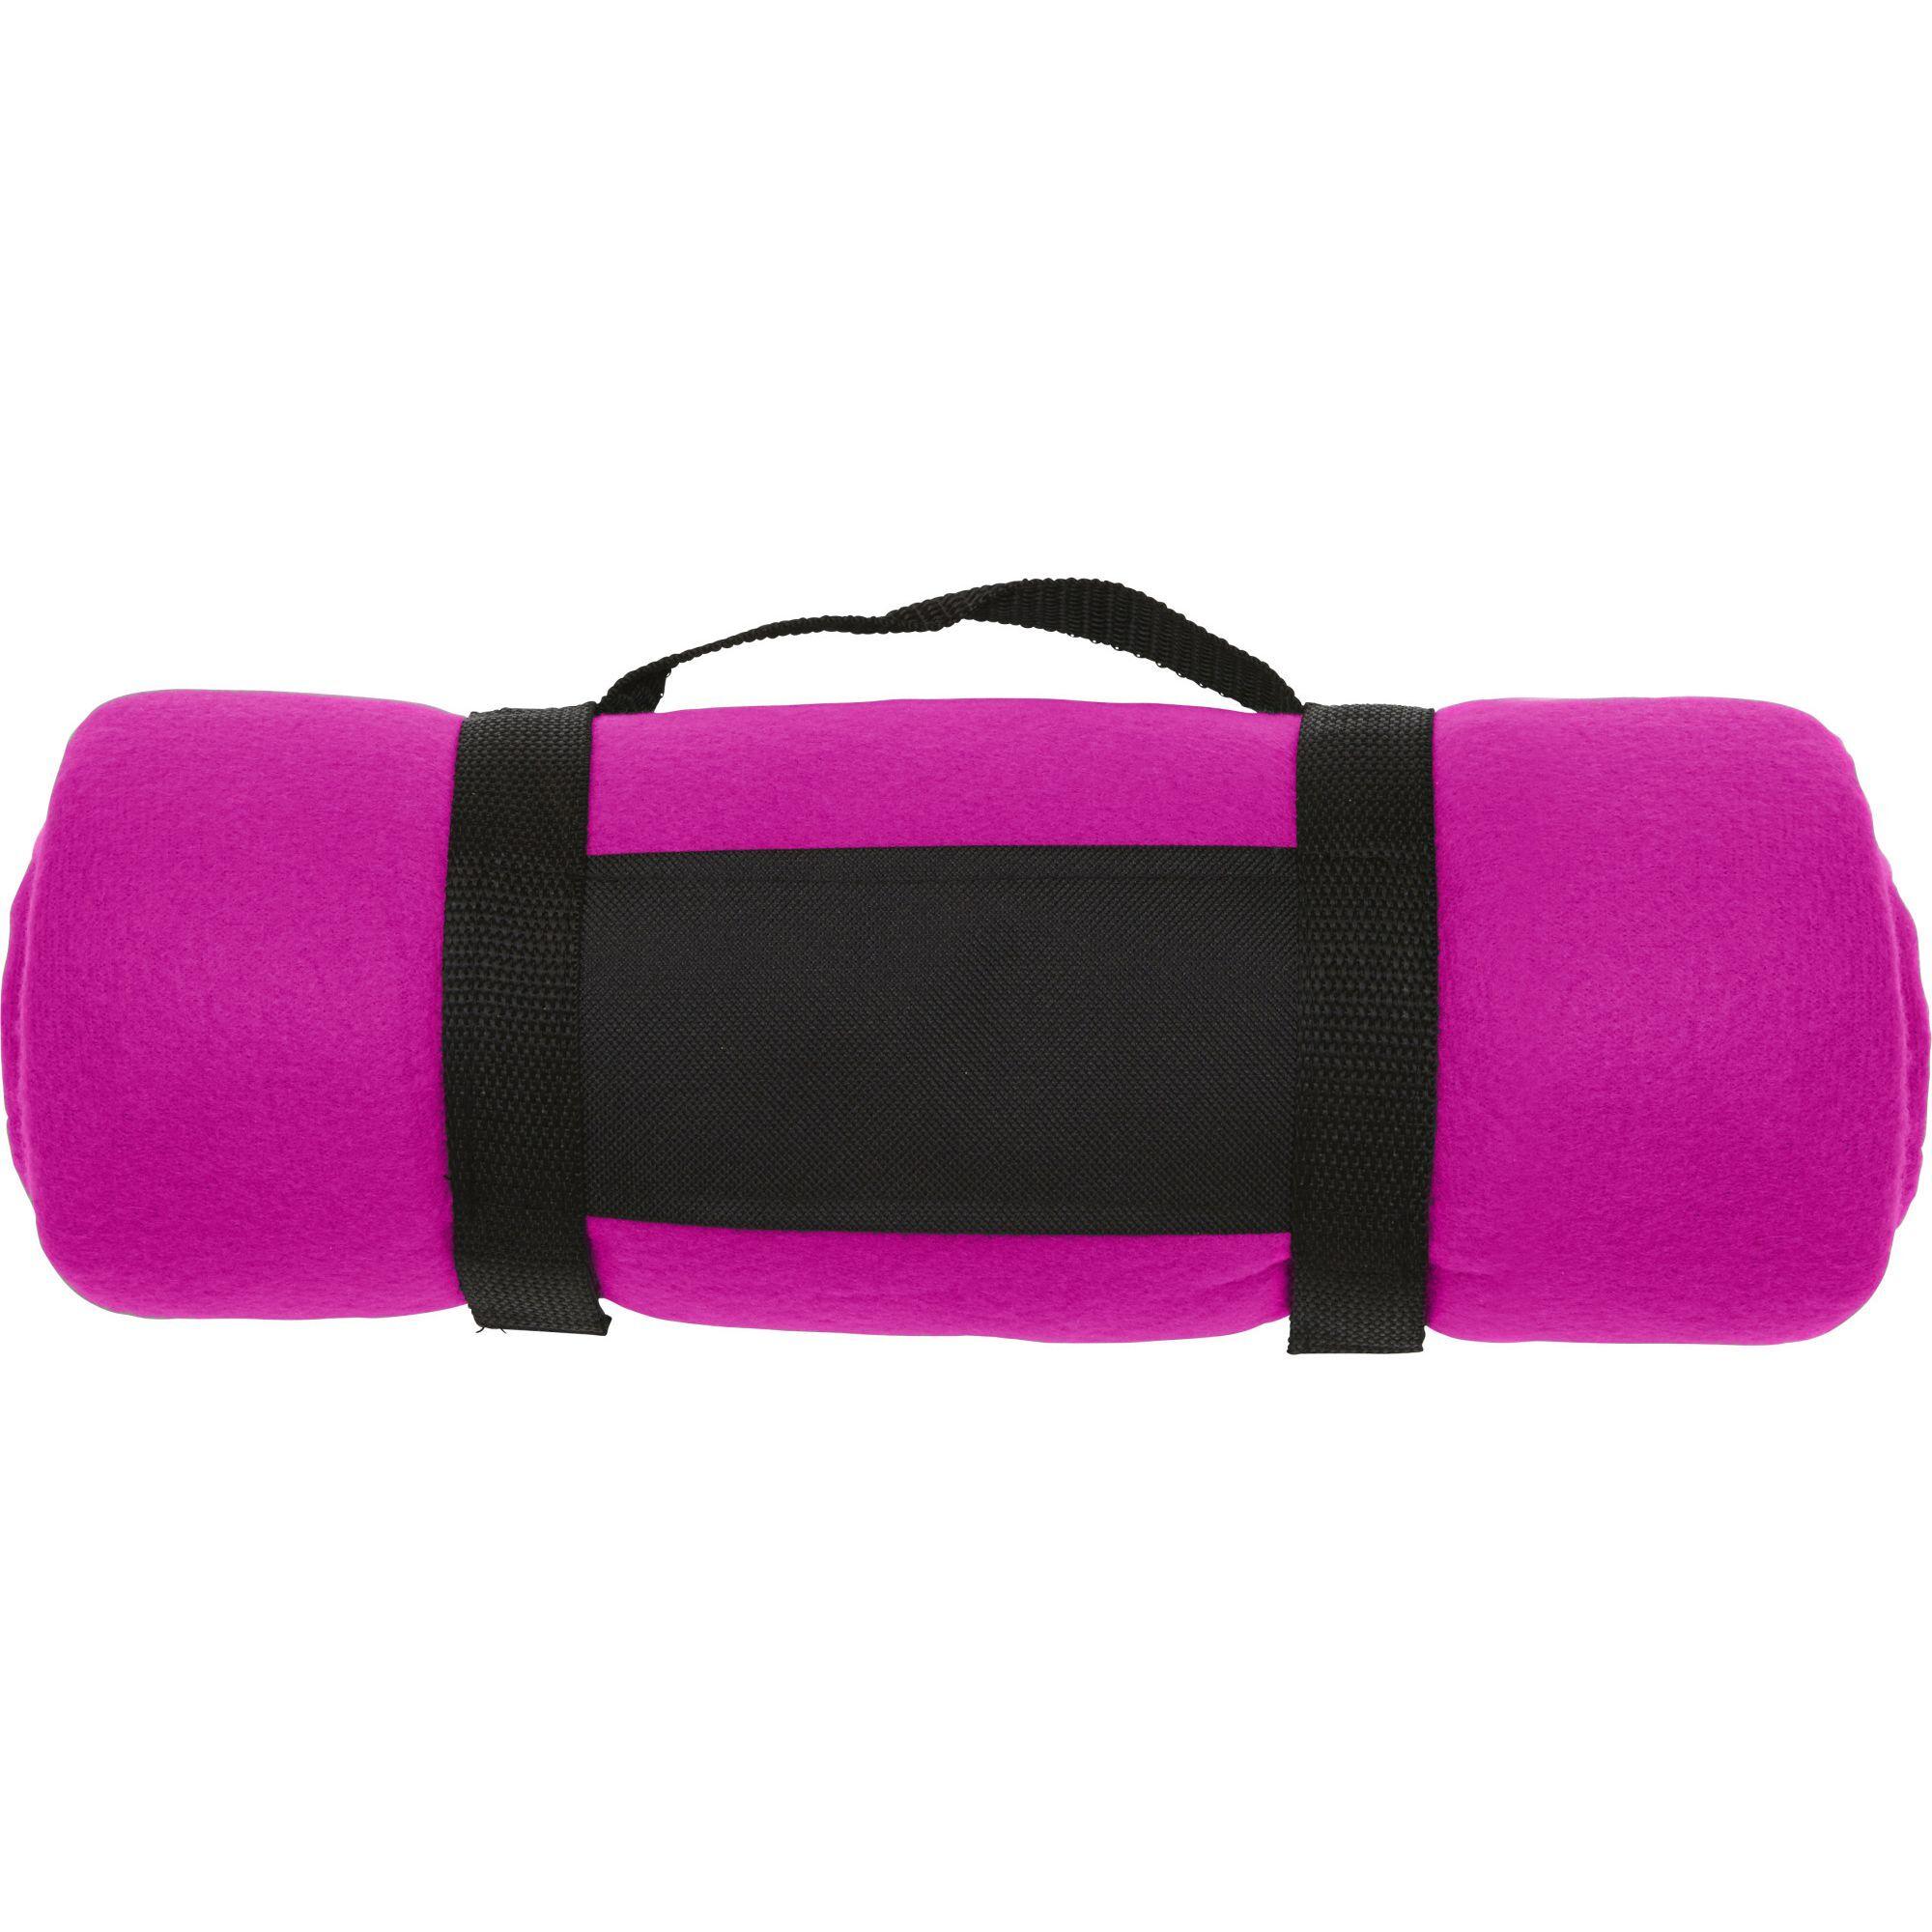 Fleece Blanket Pink